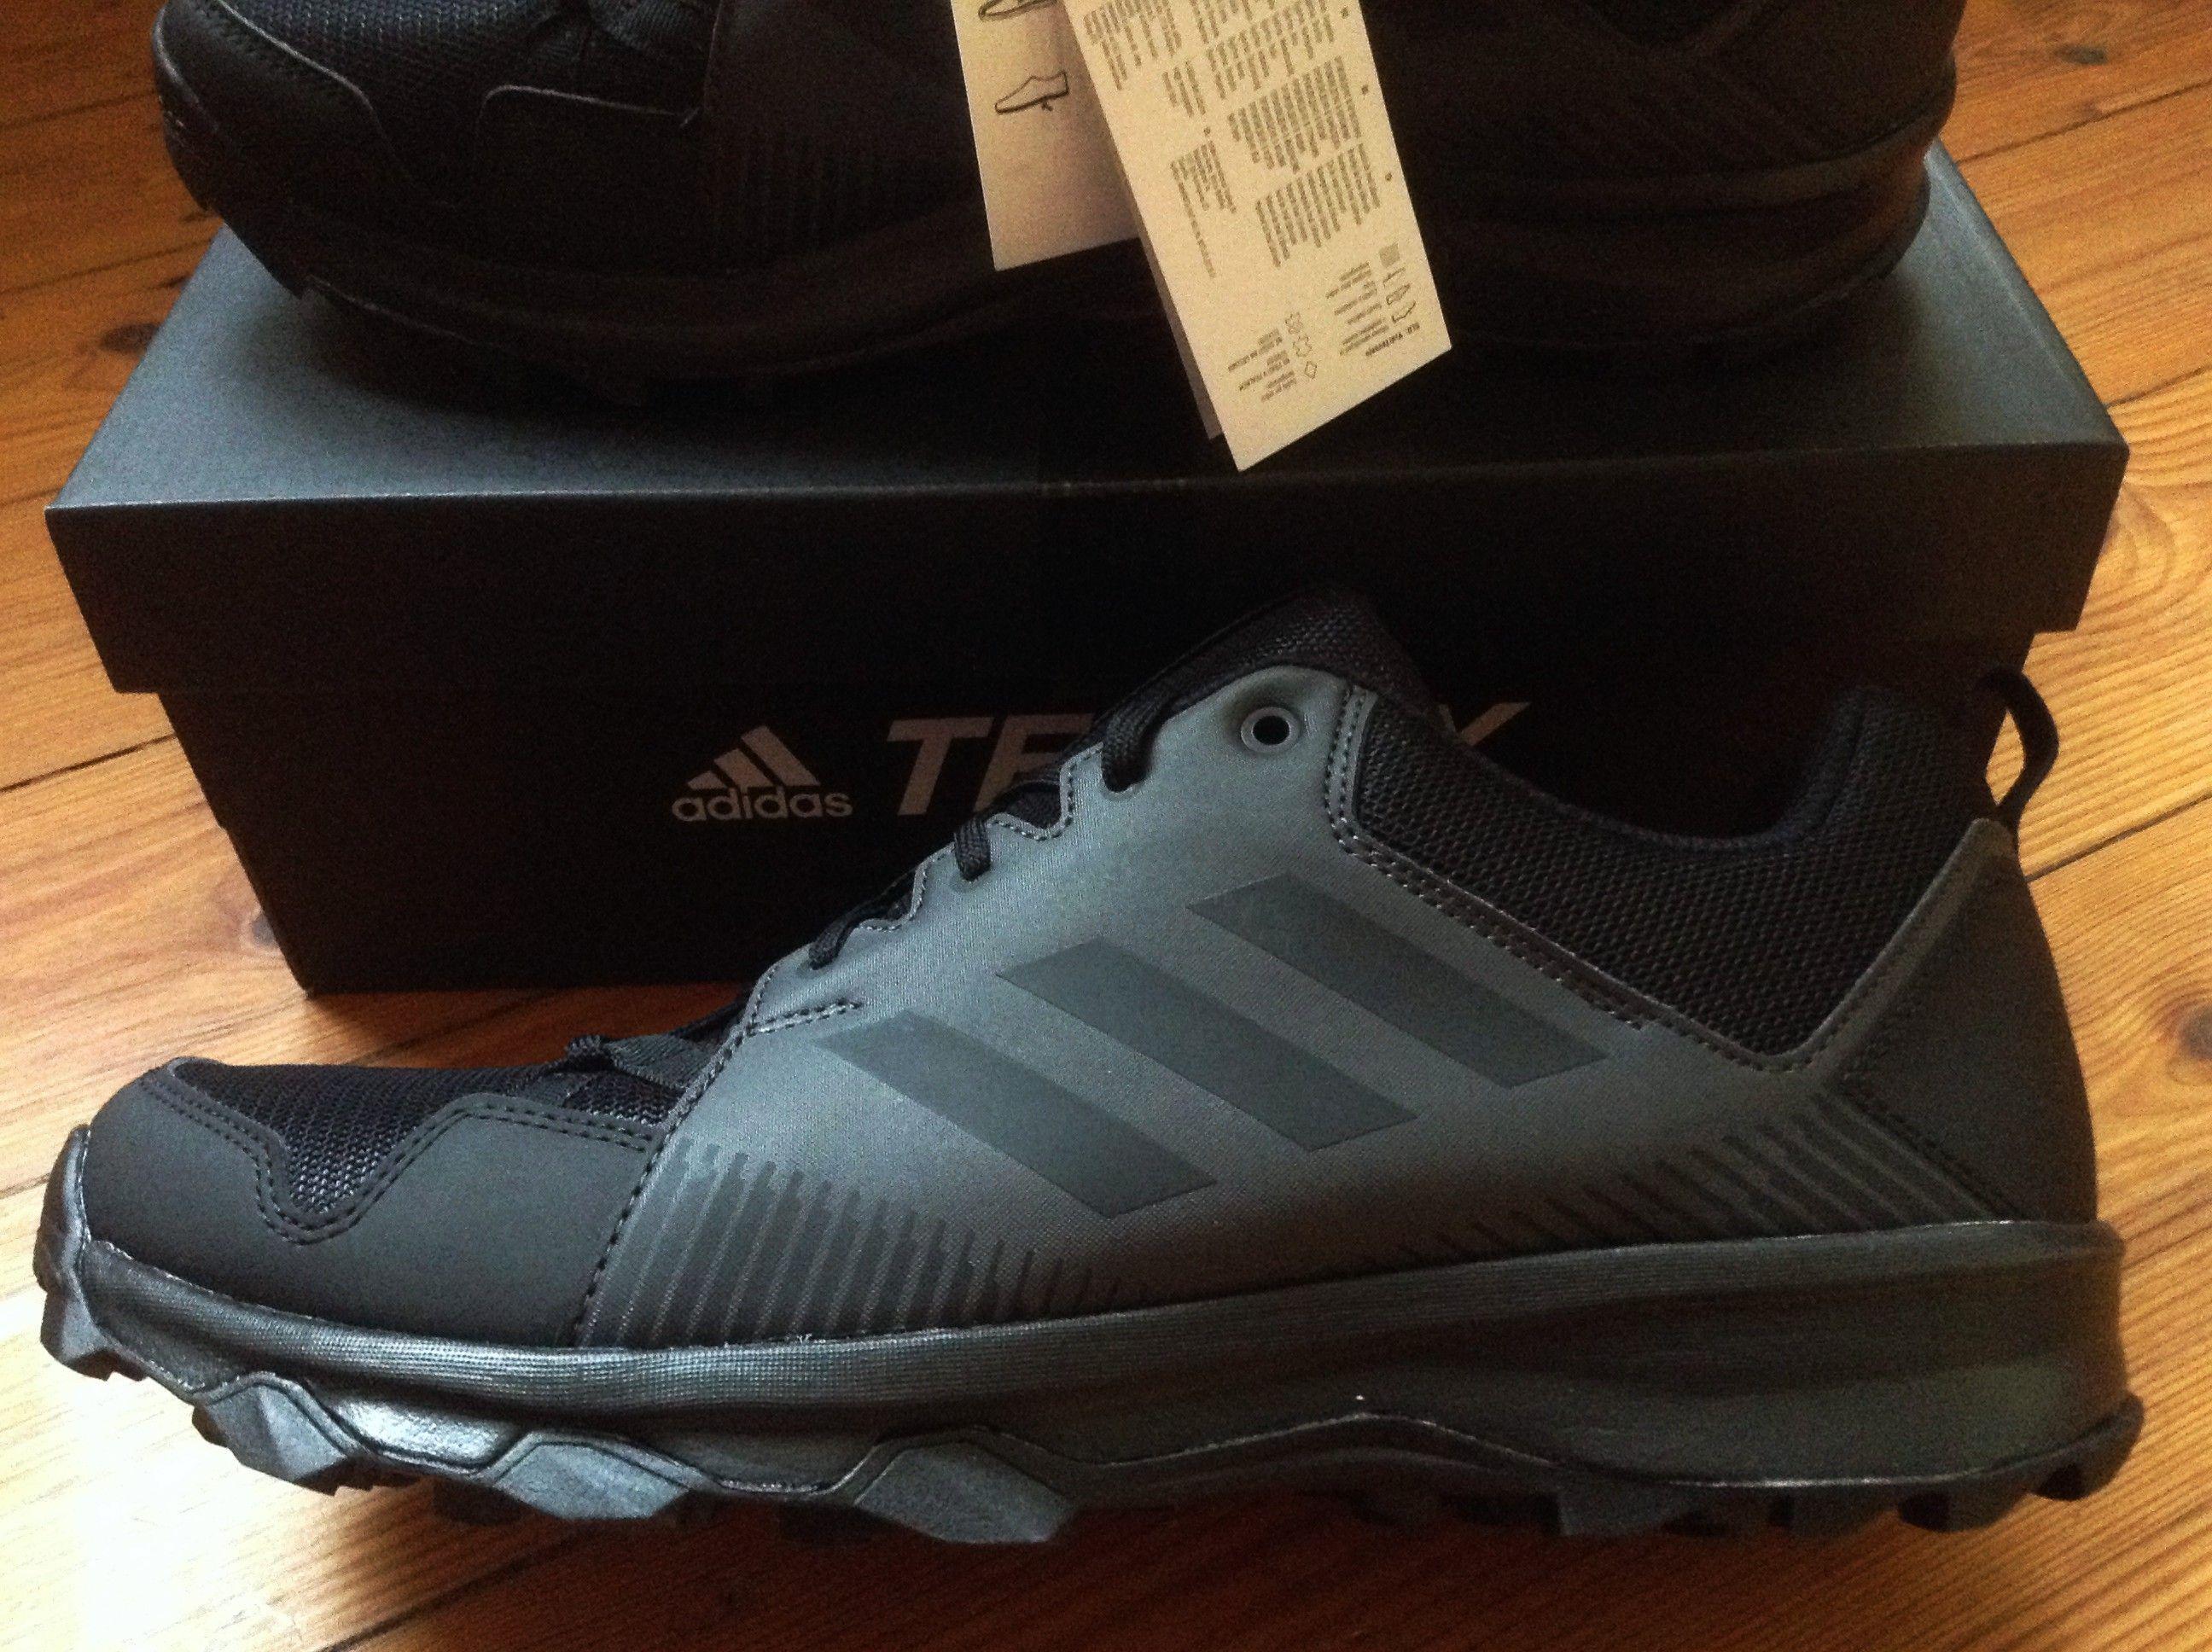 359d9be7d506e ADIDAS TERREX TraceRocker Multisportschuhe --- Ein Schuh fürs Trailrunning  und Wandern. Dieser leichte